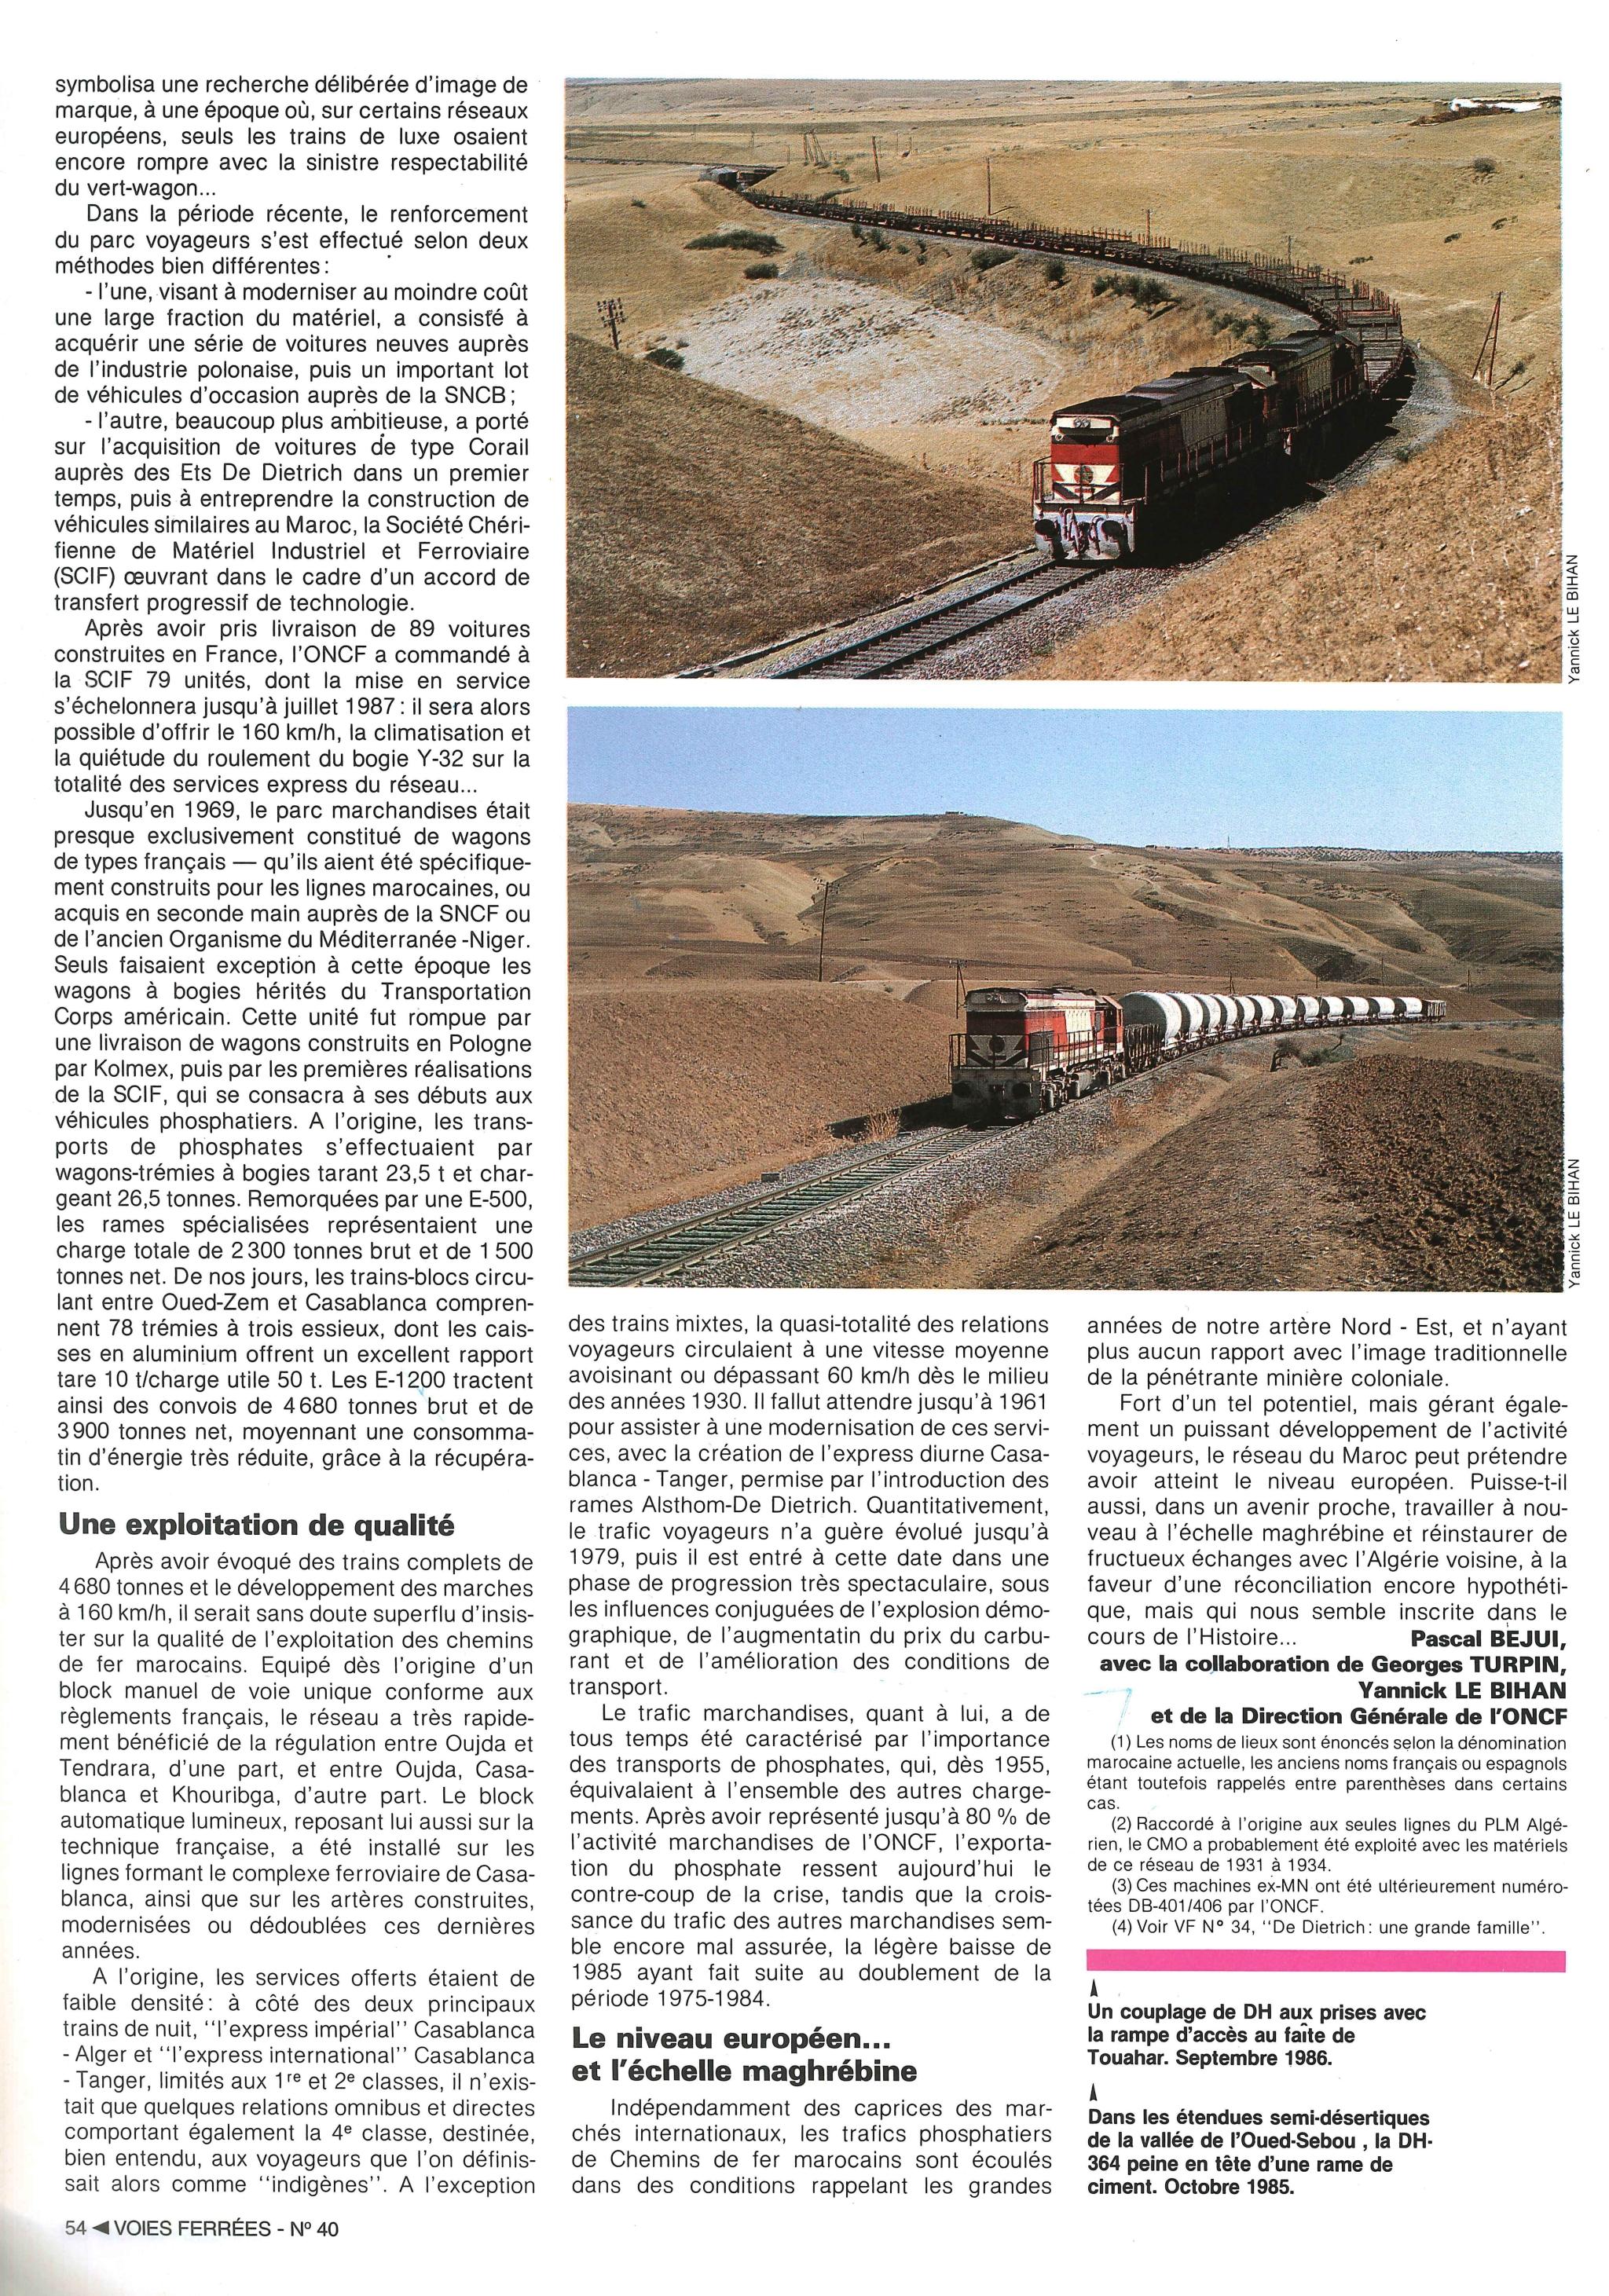 Chemins de Fer au Maroc - ONCF  - Page 4 49609756001_4e7fc7857c_o_d